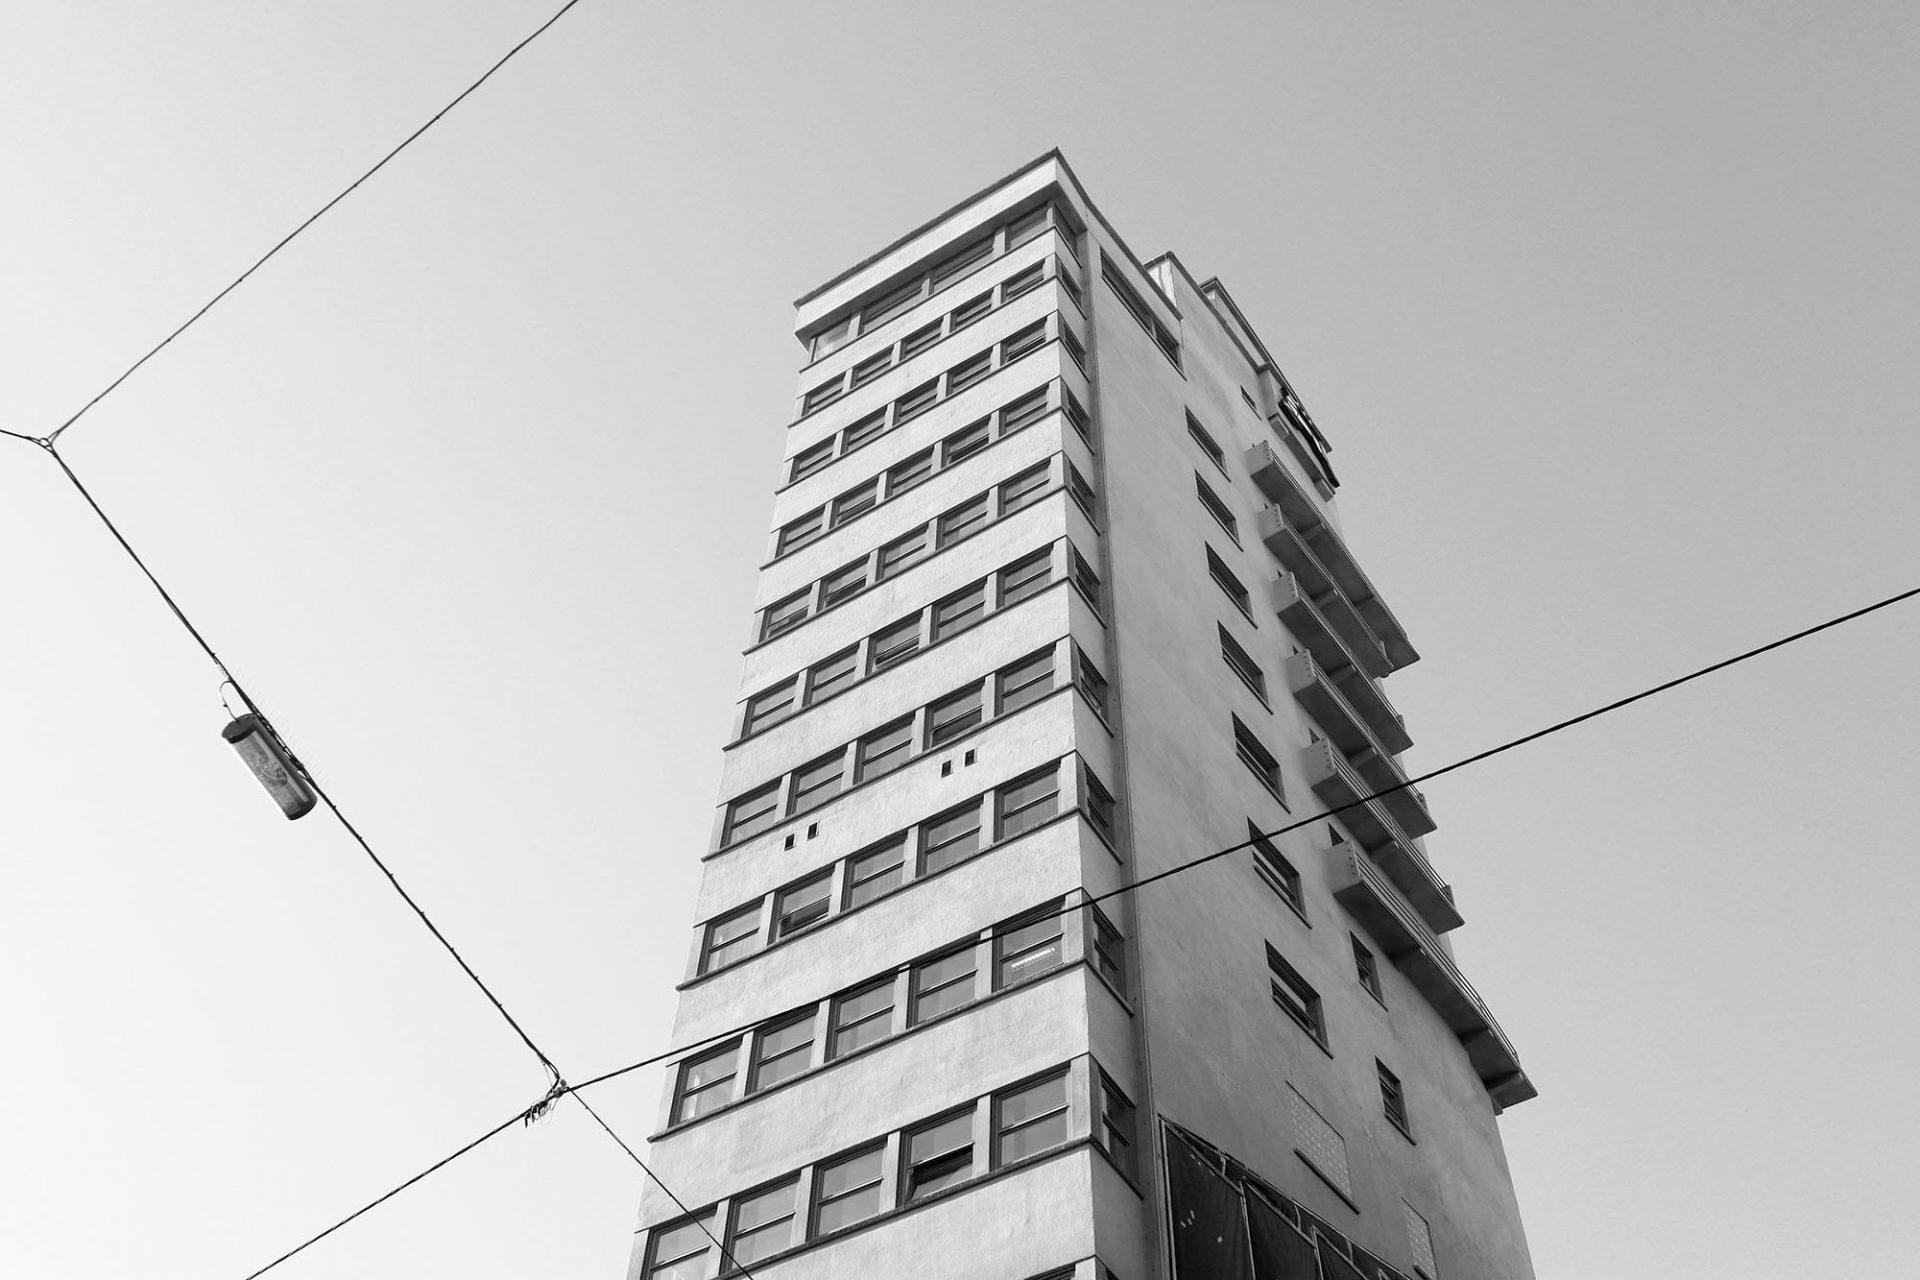 Tagblatt-Turm. Amerikanisch inspiriertes Hochhaus.